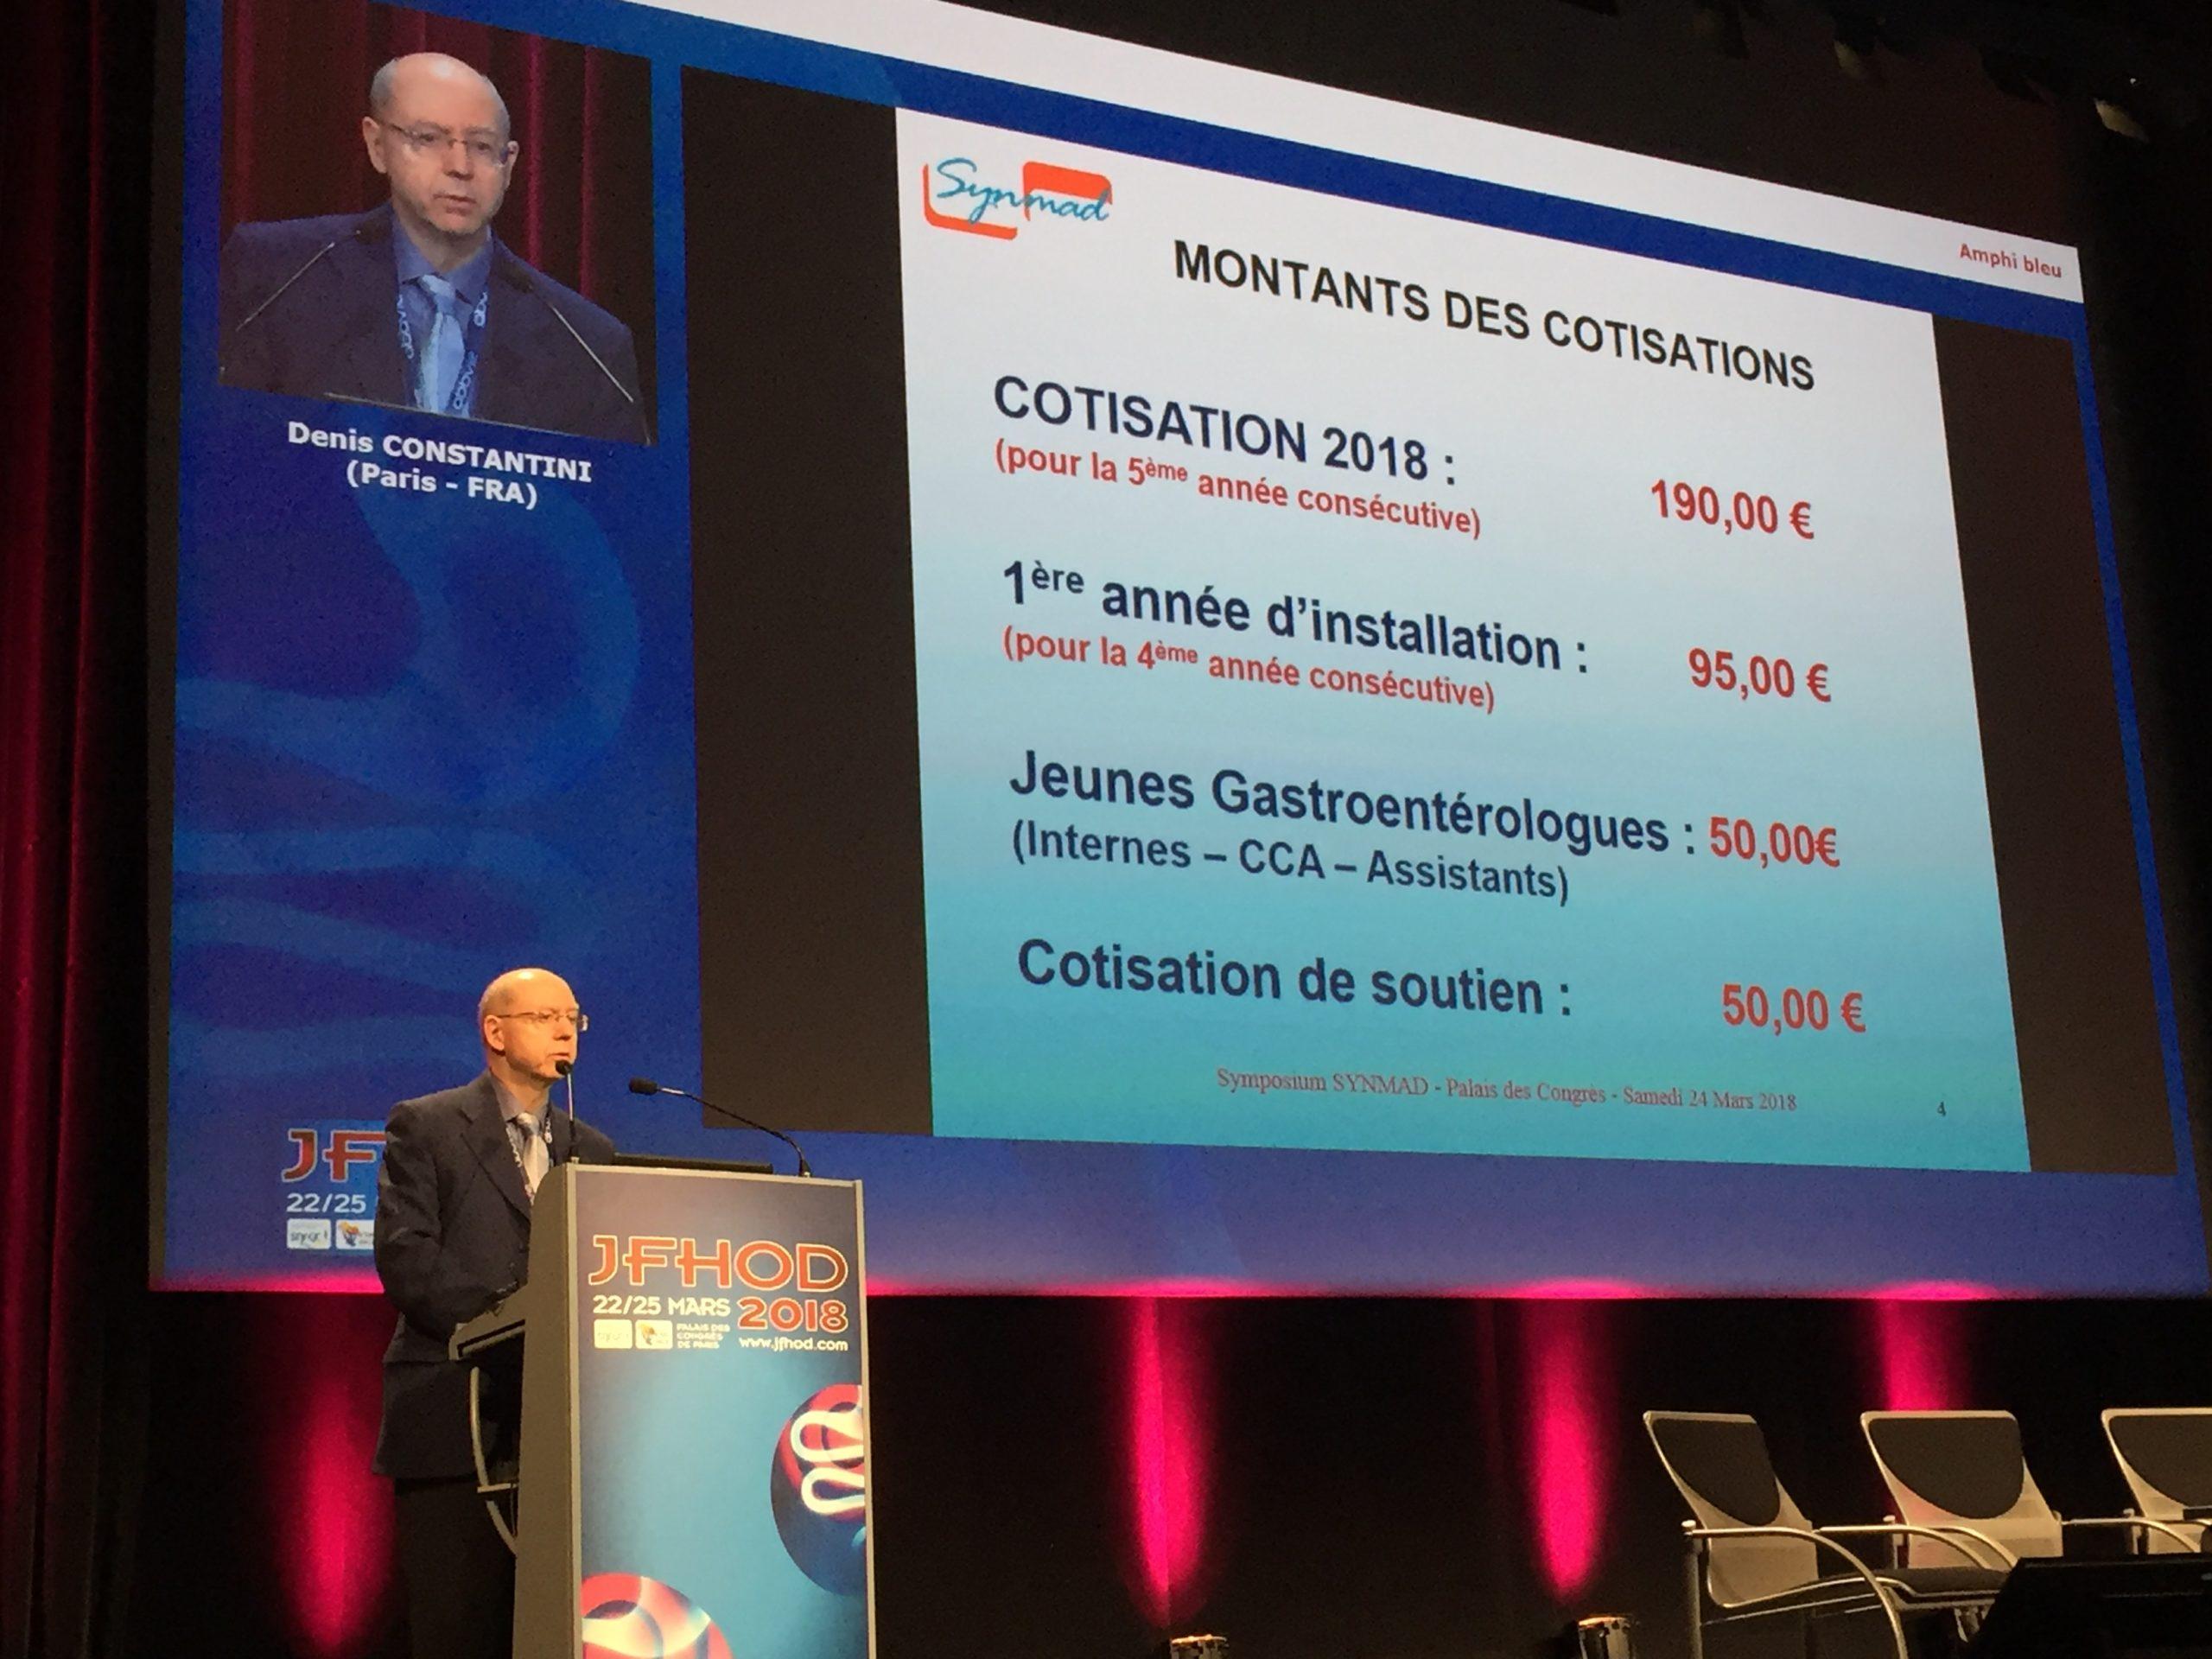 Prsentation Denis CONSTANTINI